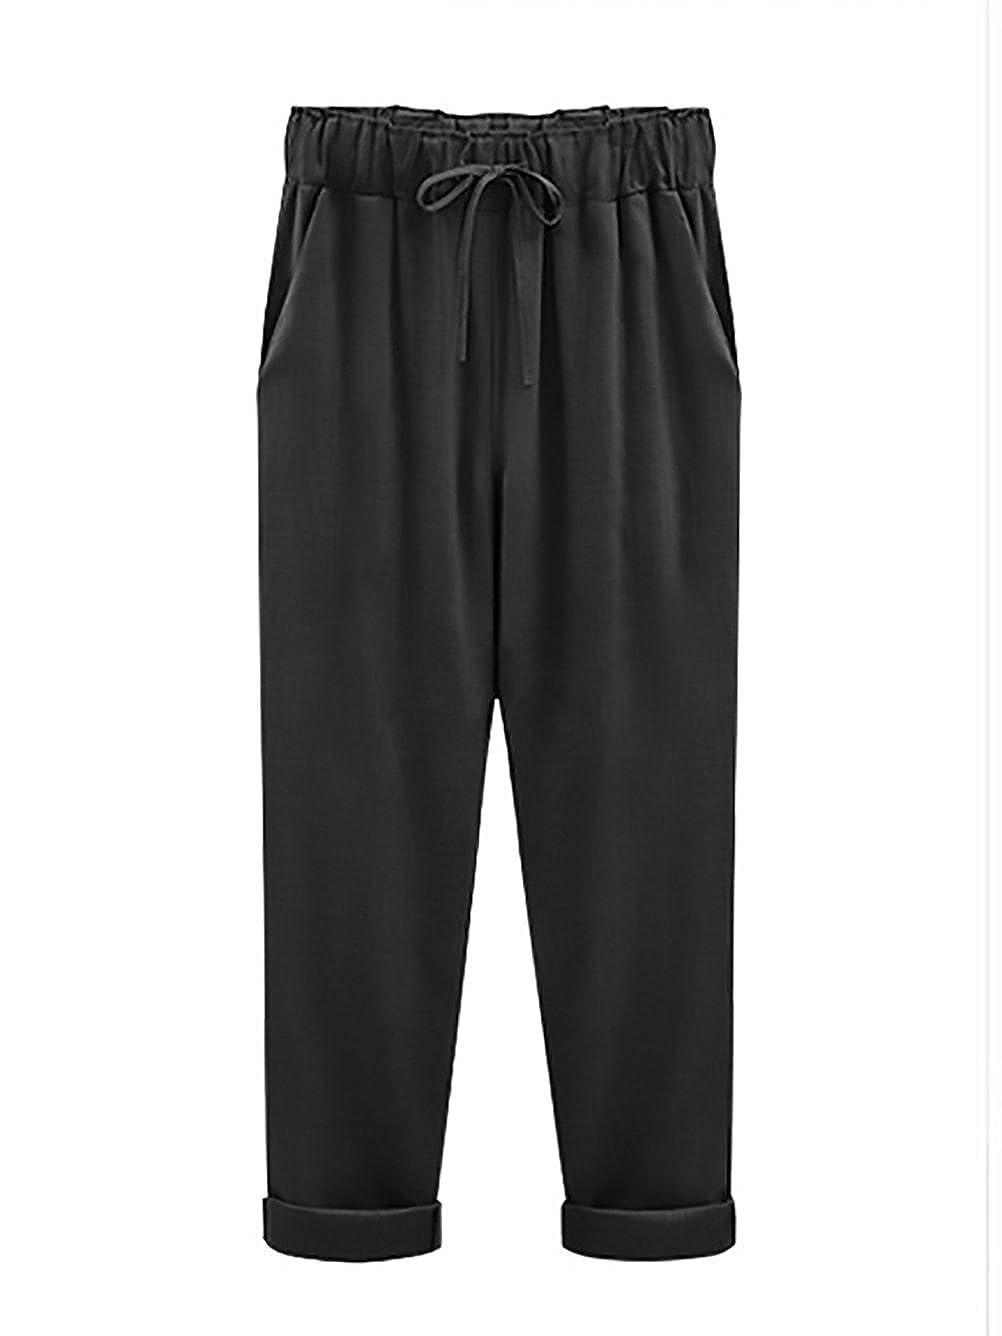 Pantalone Donna Eleganti Grazioso Moda Puro Colore Casual Taglie Forti  Baggy Comode con Elastico in Vita Pantaloni Lino  Amazon.it  Abbigliamento 11b7f1c2d6a